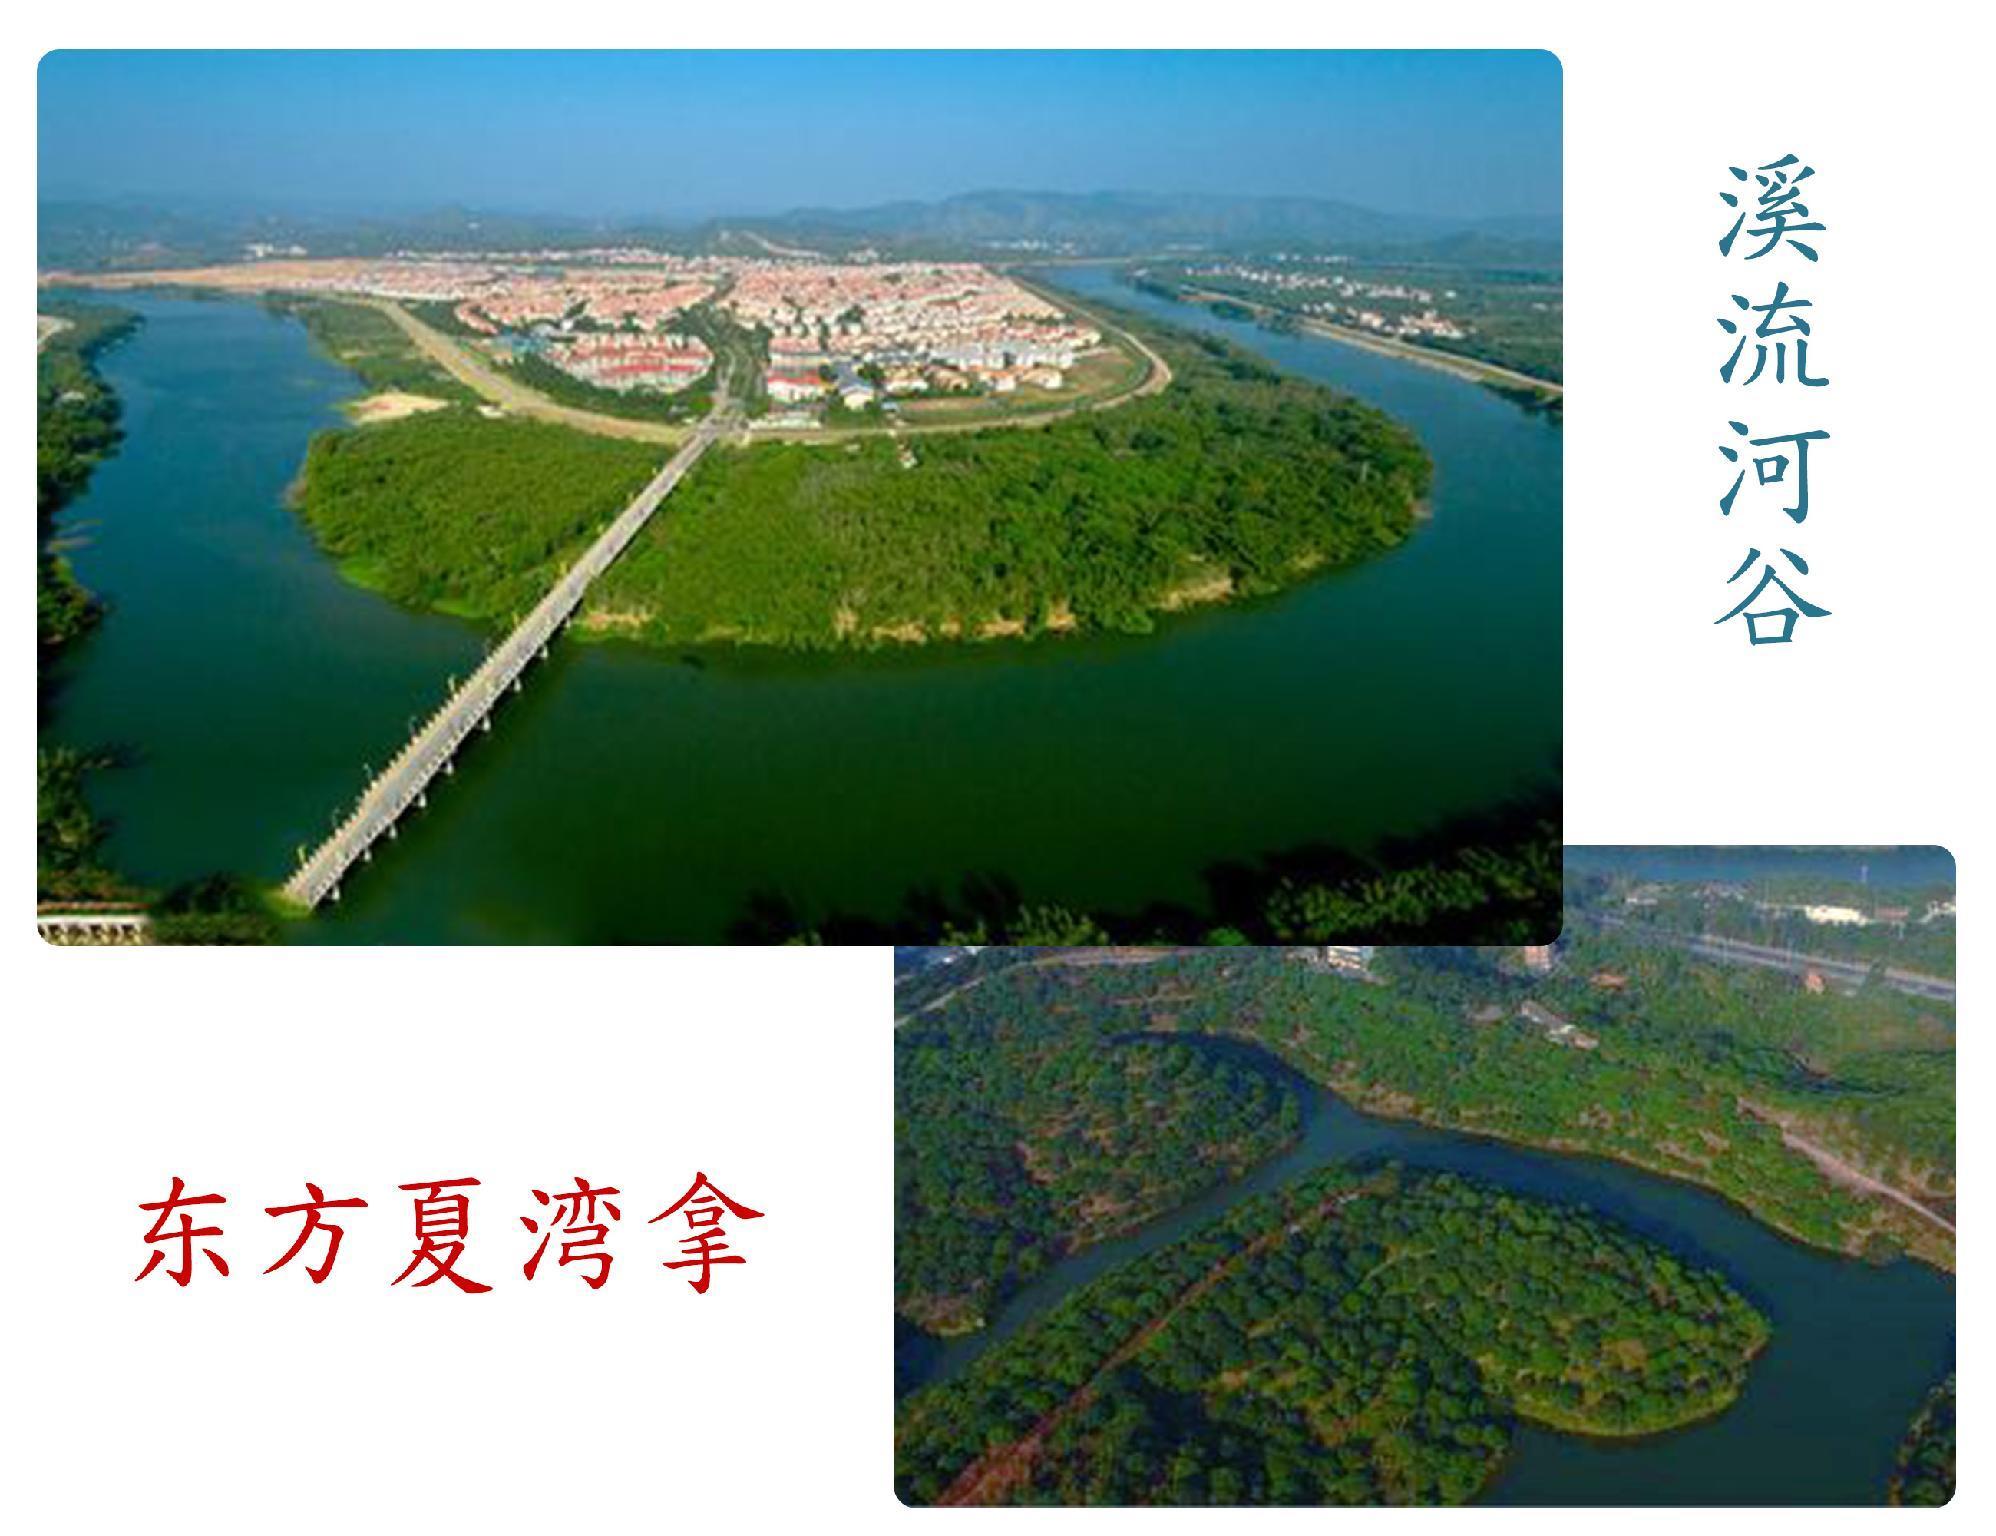 Guangzhou Conghua Dongxia Summer Villa Resort